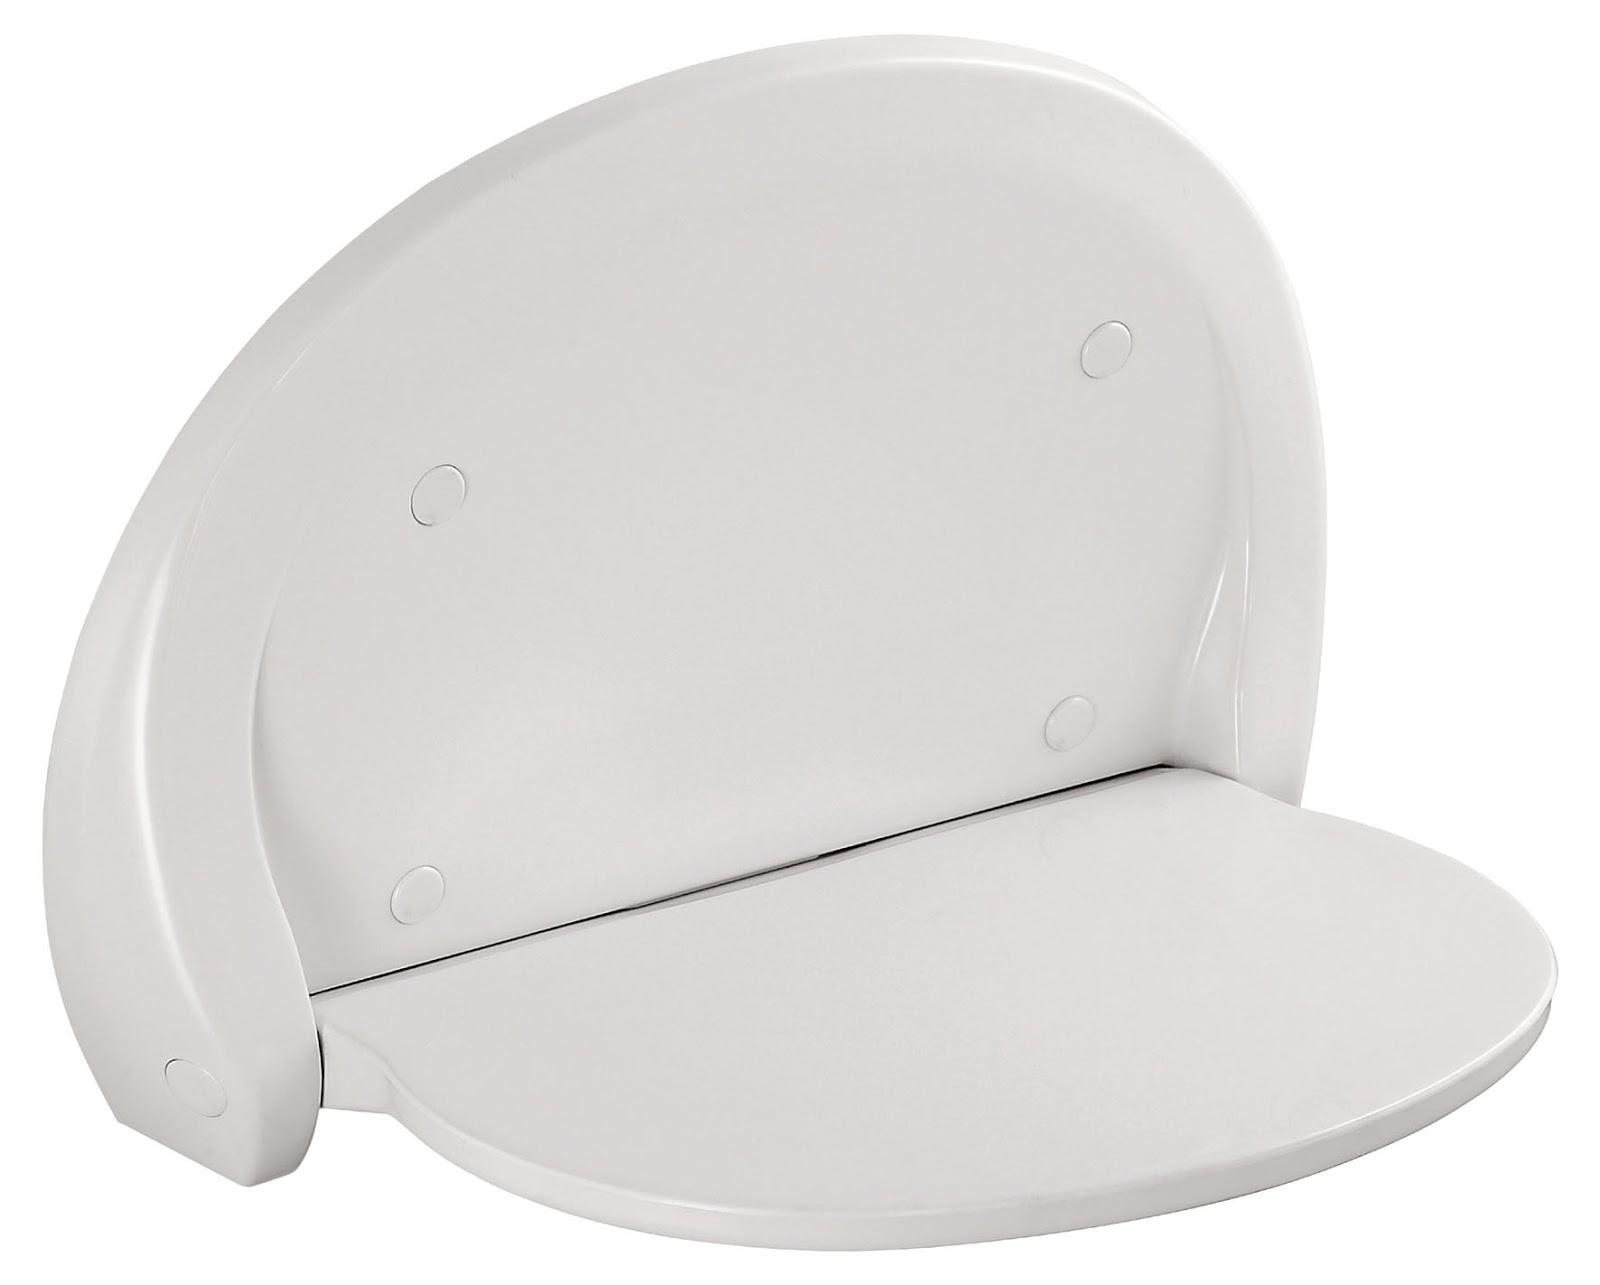 Acessibilidade no banheiro : produtos que facilitam a vida de pessoas  #6B6460 1600x1285 Acessibilidade Idosos Banheiro